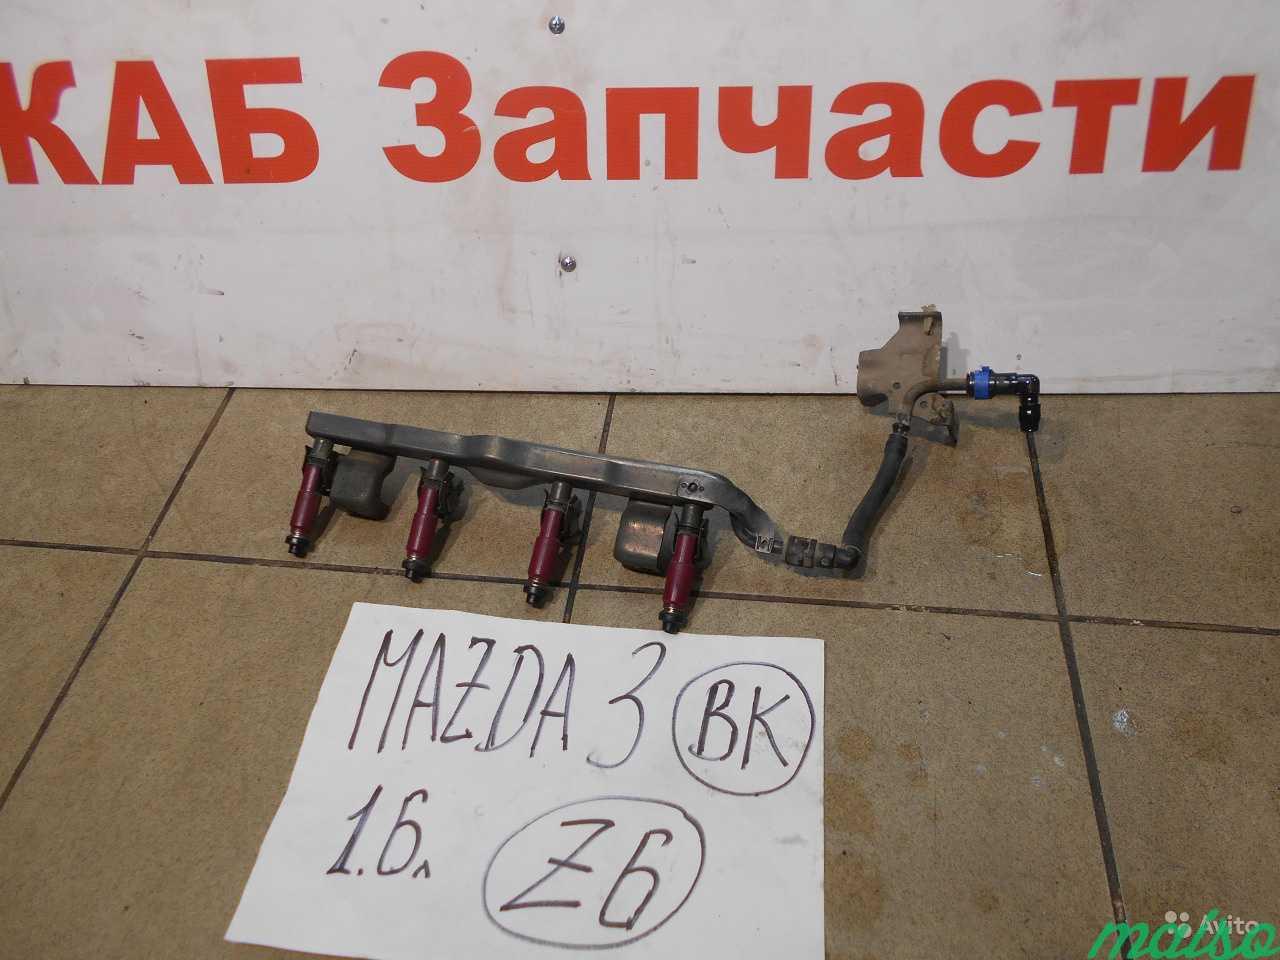 Форсунка топливная инжекторная Mazda 3 BK 1.6 Z6 в Санкт-Петербурге. Фото 1